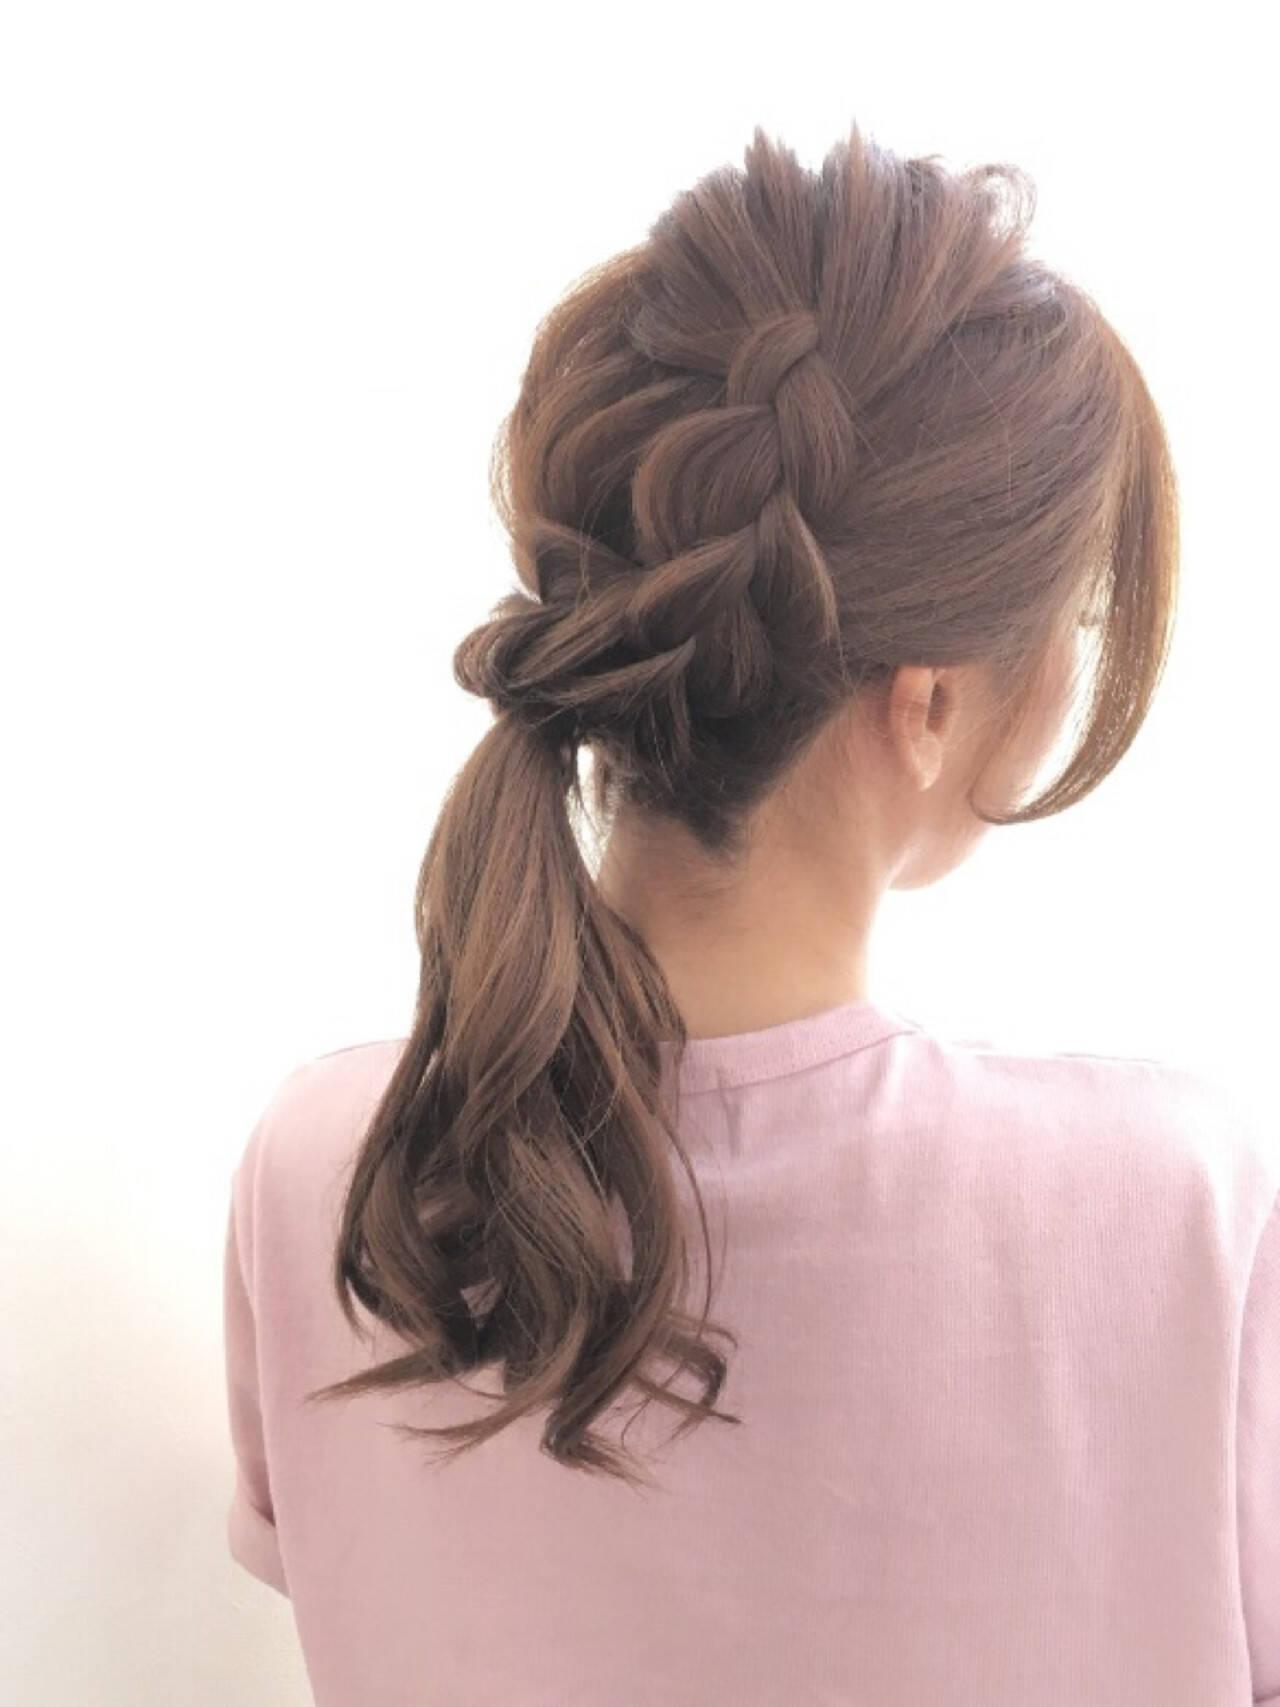 ヘアアレンジ ポニーテール フェミニン 簡単ヘアアレンジヘアスタイルや髪型の写真・画像